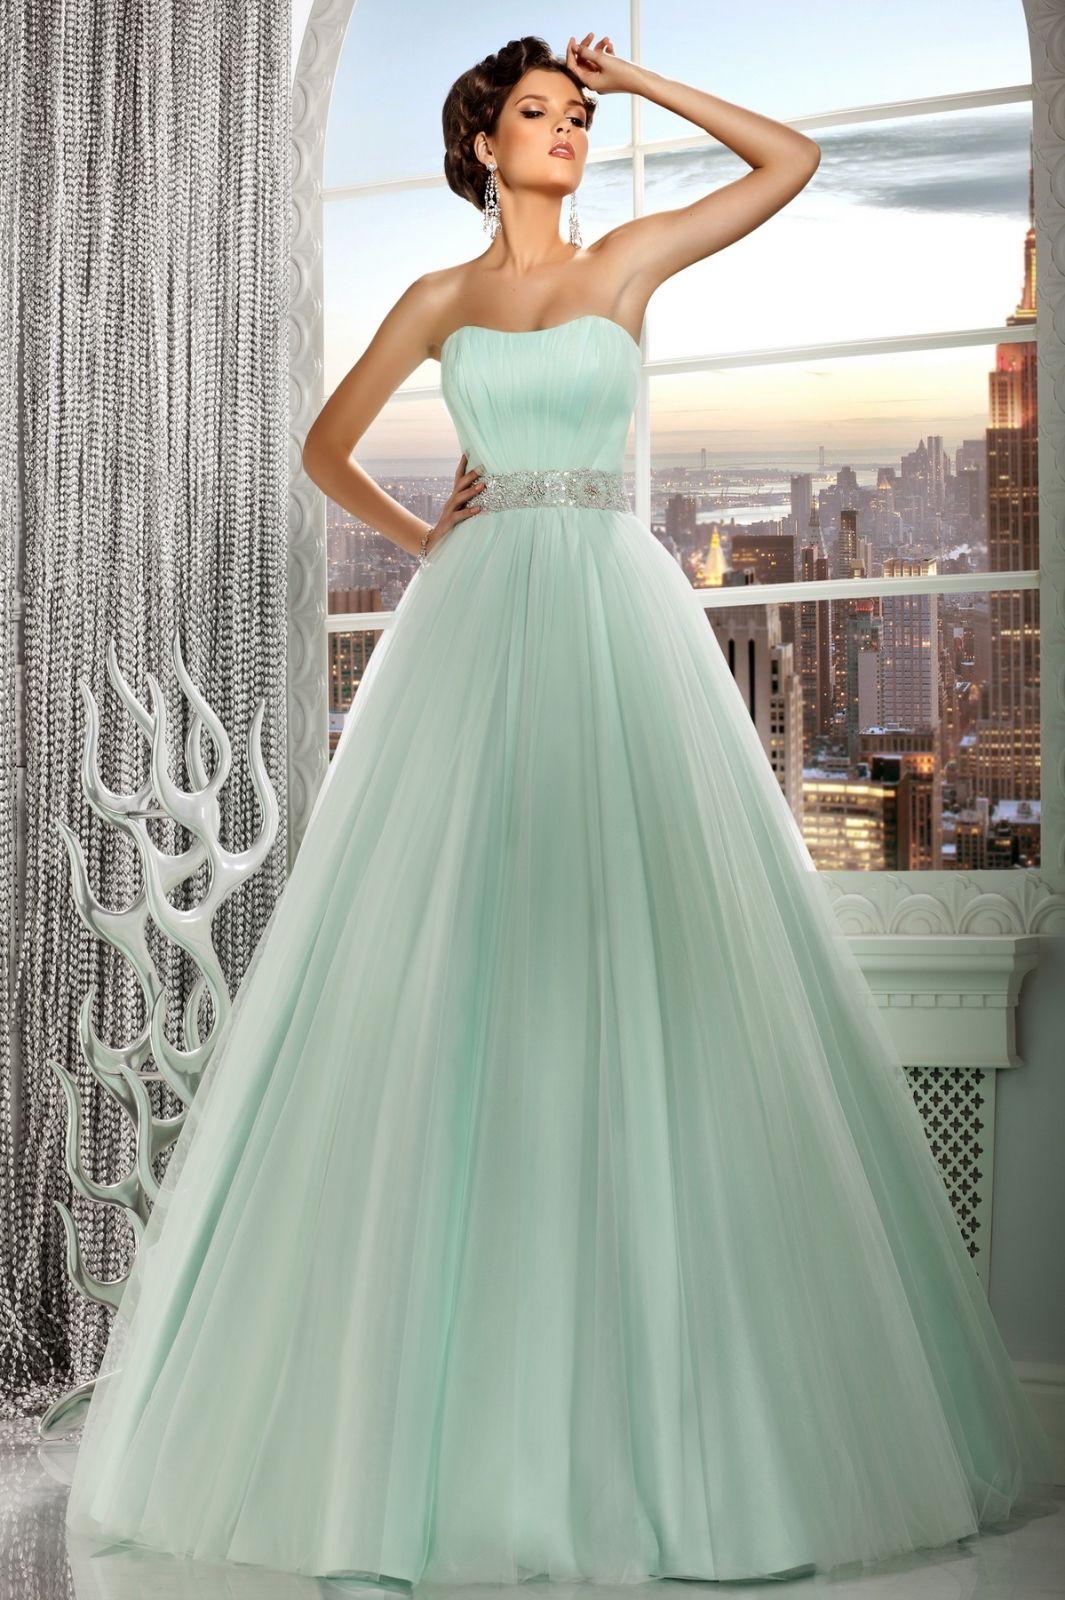 Brautkleid von Schantal / Art. 19  Kleid hochzeit, Brautmode, Braut